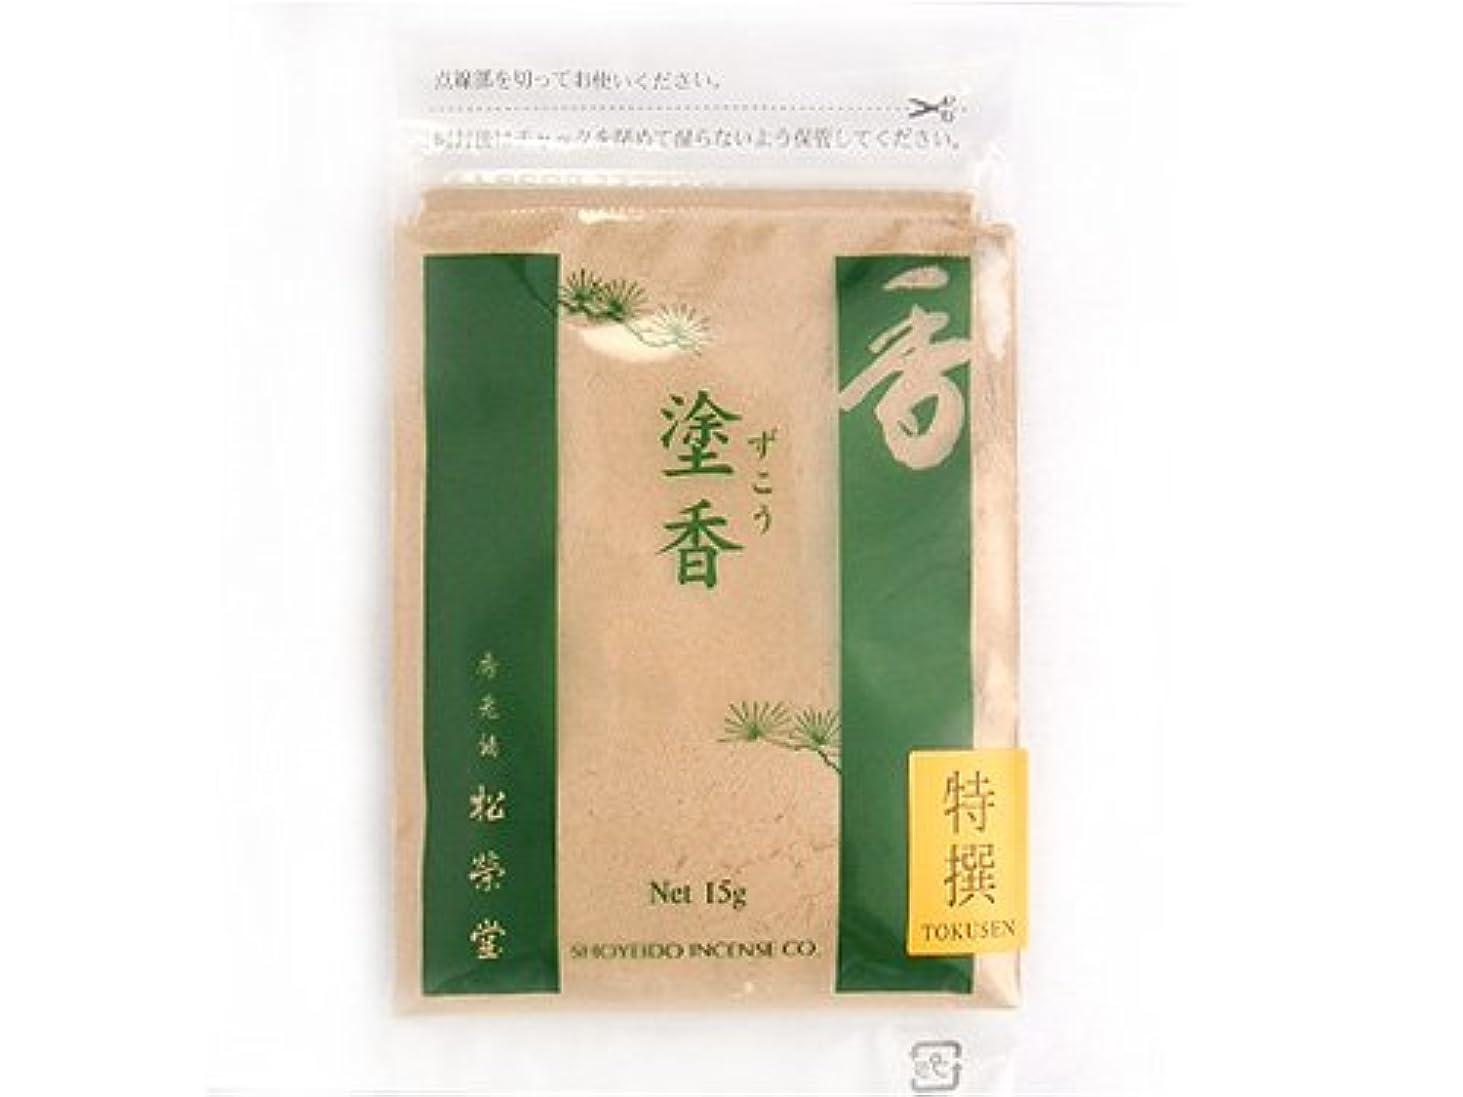 反動スマイル専門化する松栄堂のお香 特撰塗香 15g